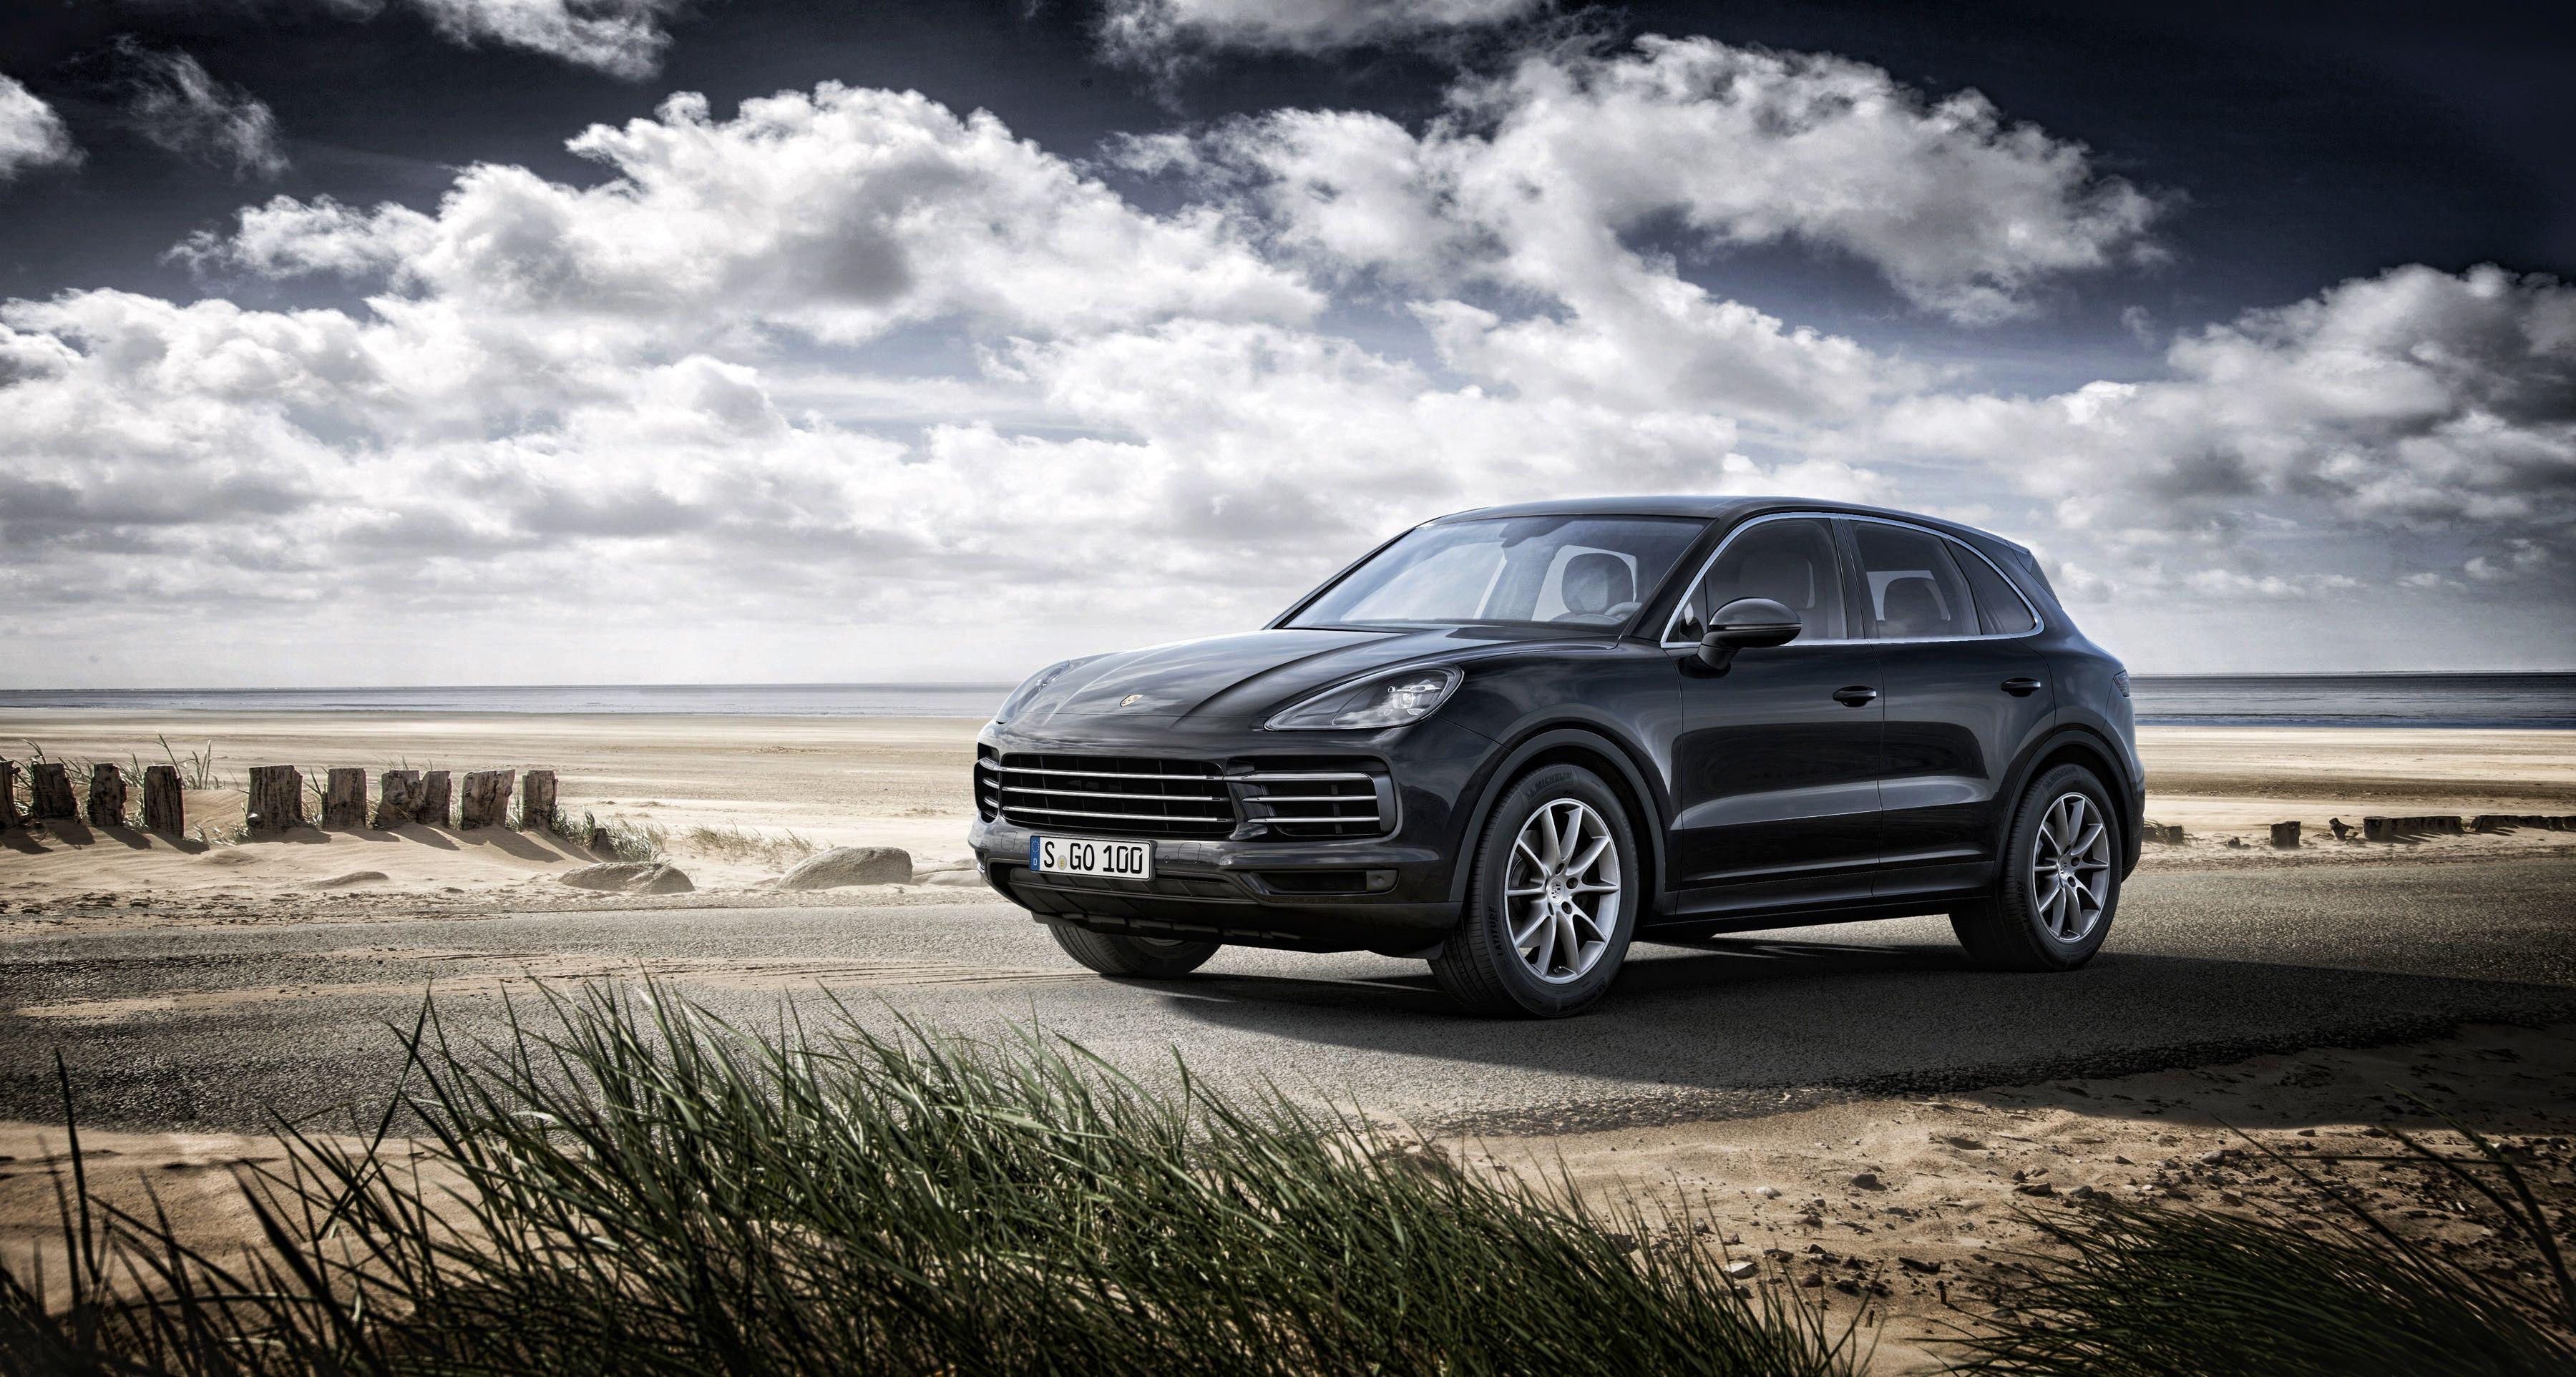 Porsche Cayenne Wallpapers Top Free Porsche Cayenne Backgrounds Wallpaperaccess